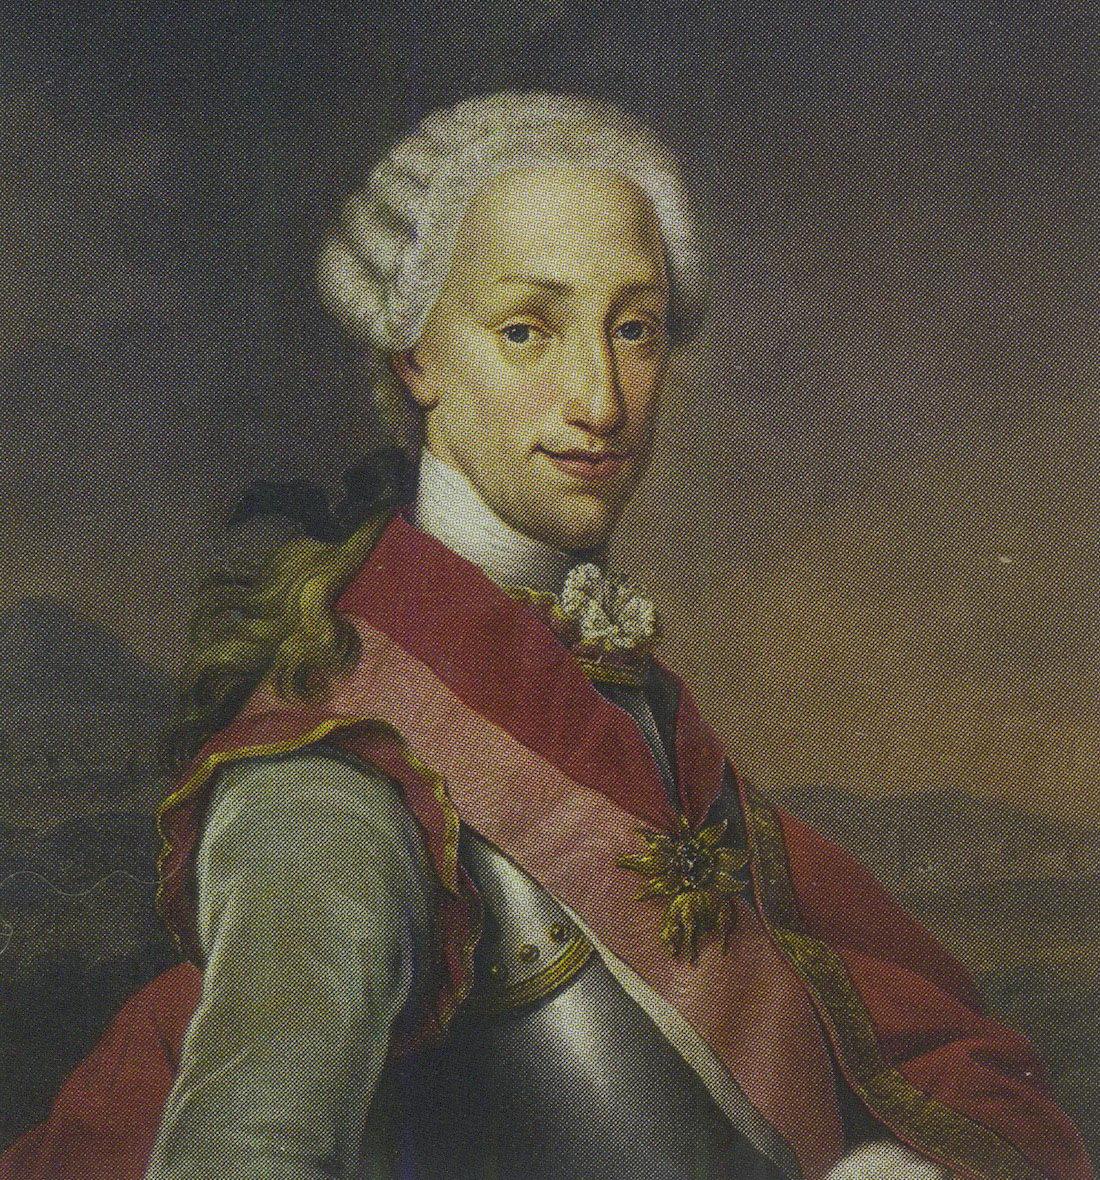 Портрет неаполитанского короля Фердинанда IV